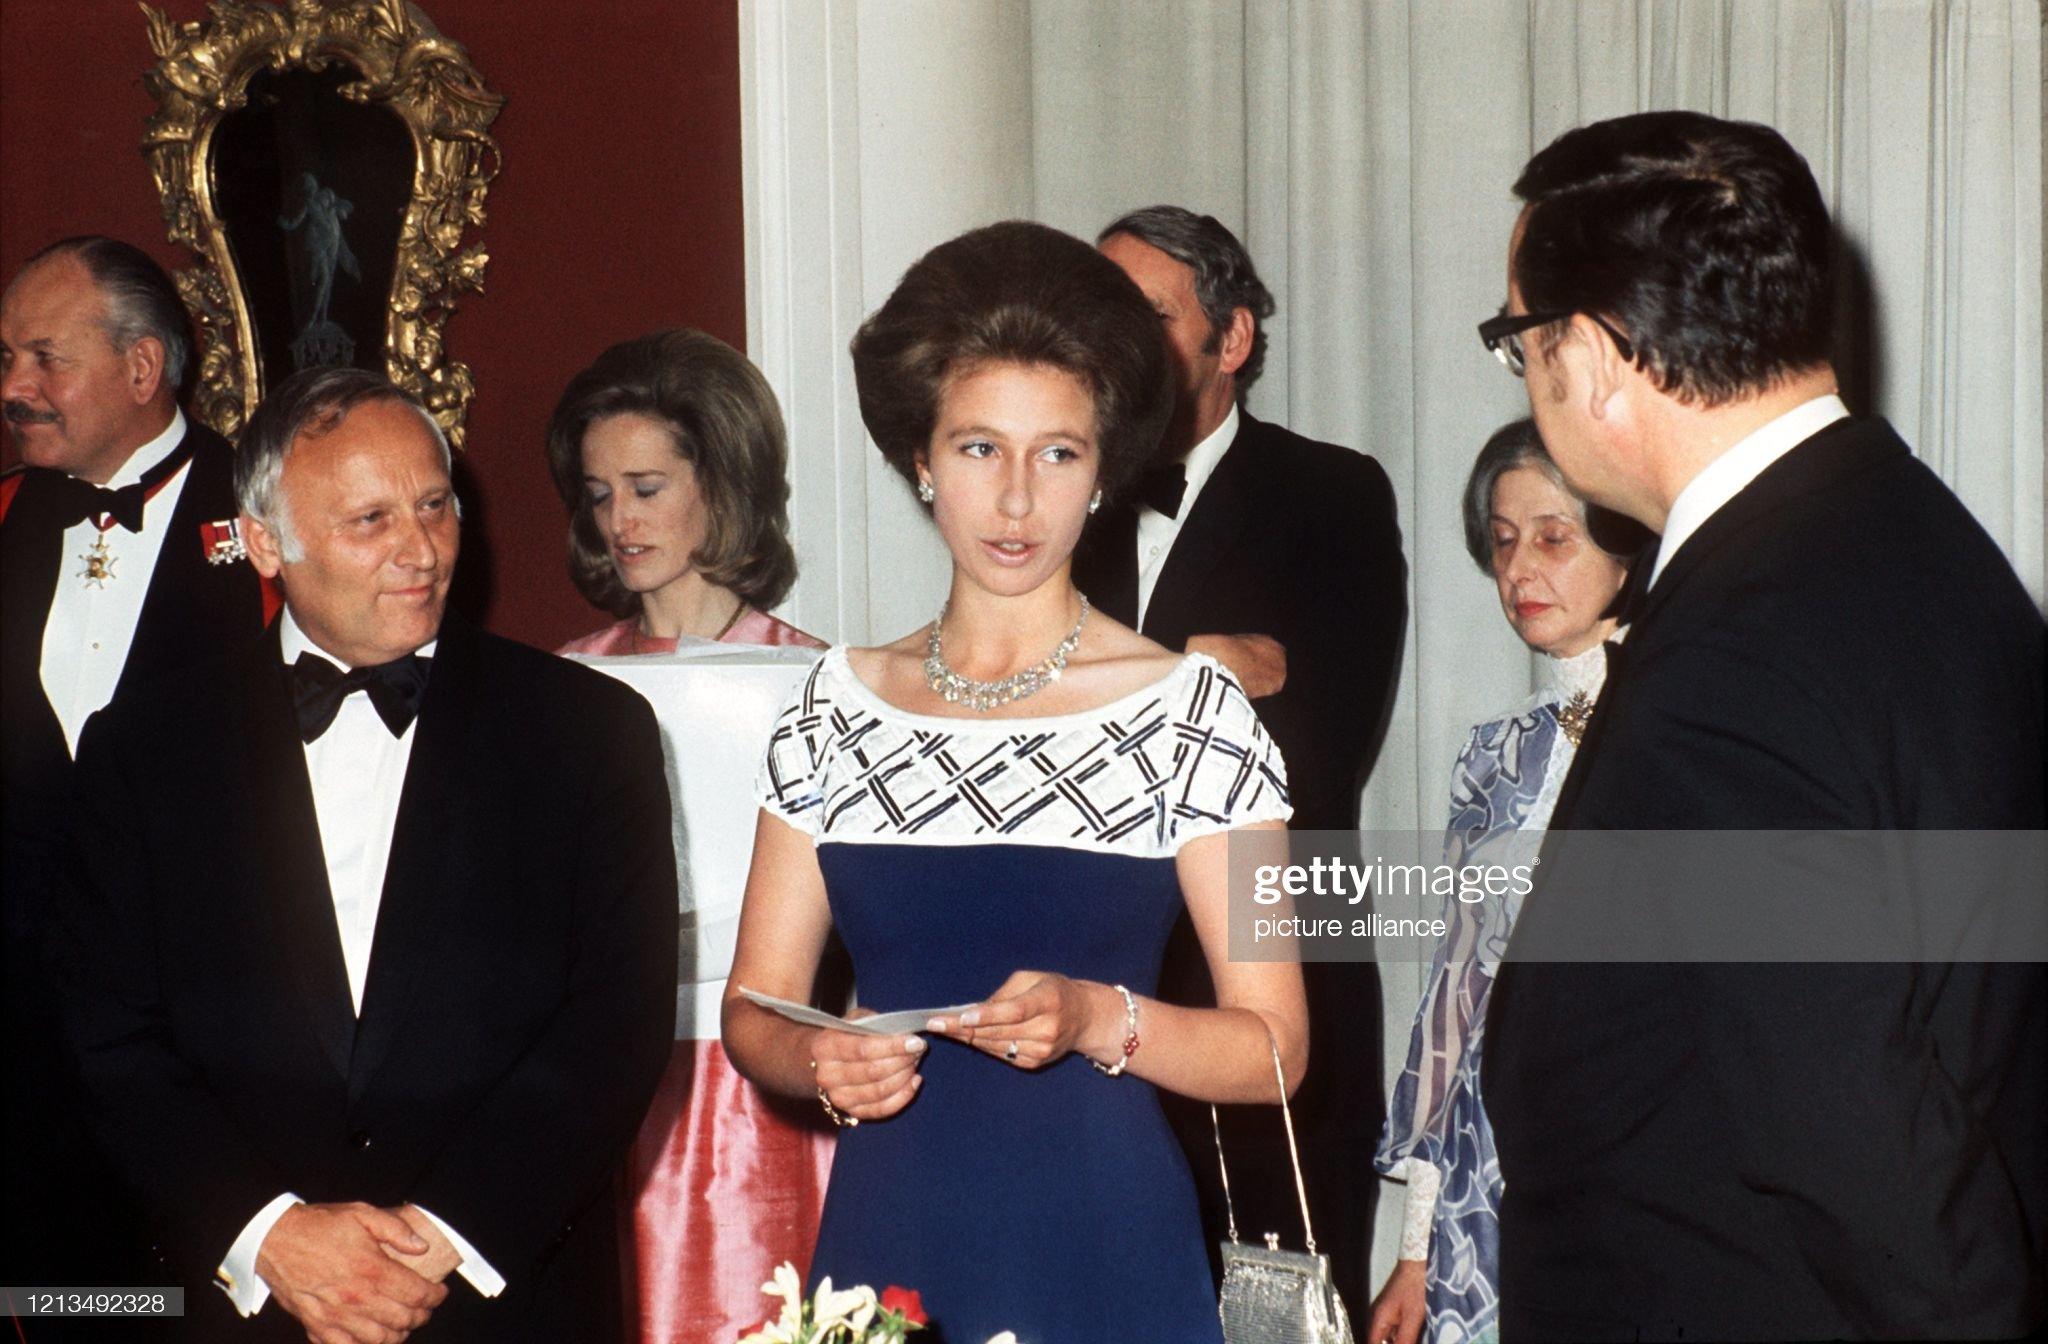 Prinzessin Anne macht gute Figur im Kleid von 1973 : News Photo